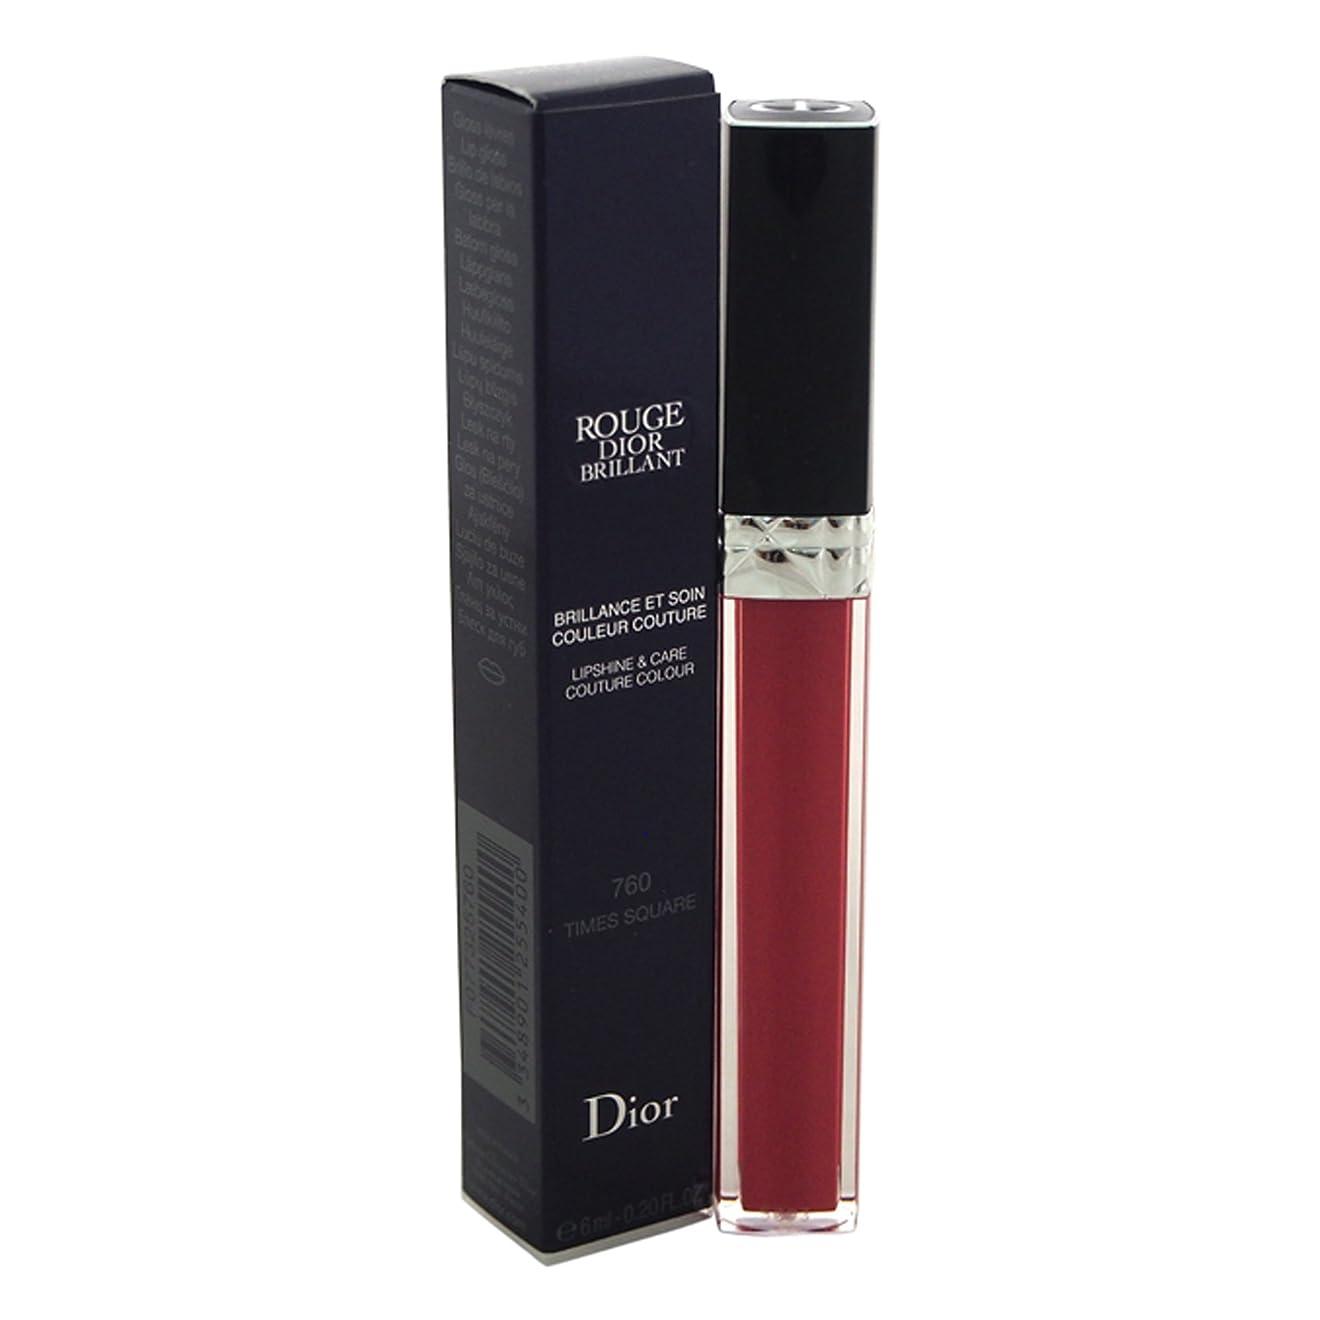 セメント強度愛されし者クリスチャンディオール Christian Dior ルージュ ディオール ブリヤン【760】 [並行輸入品]